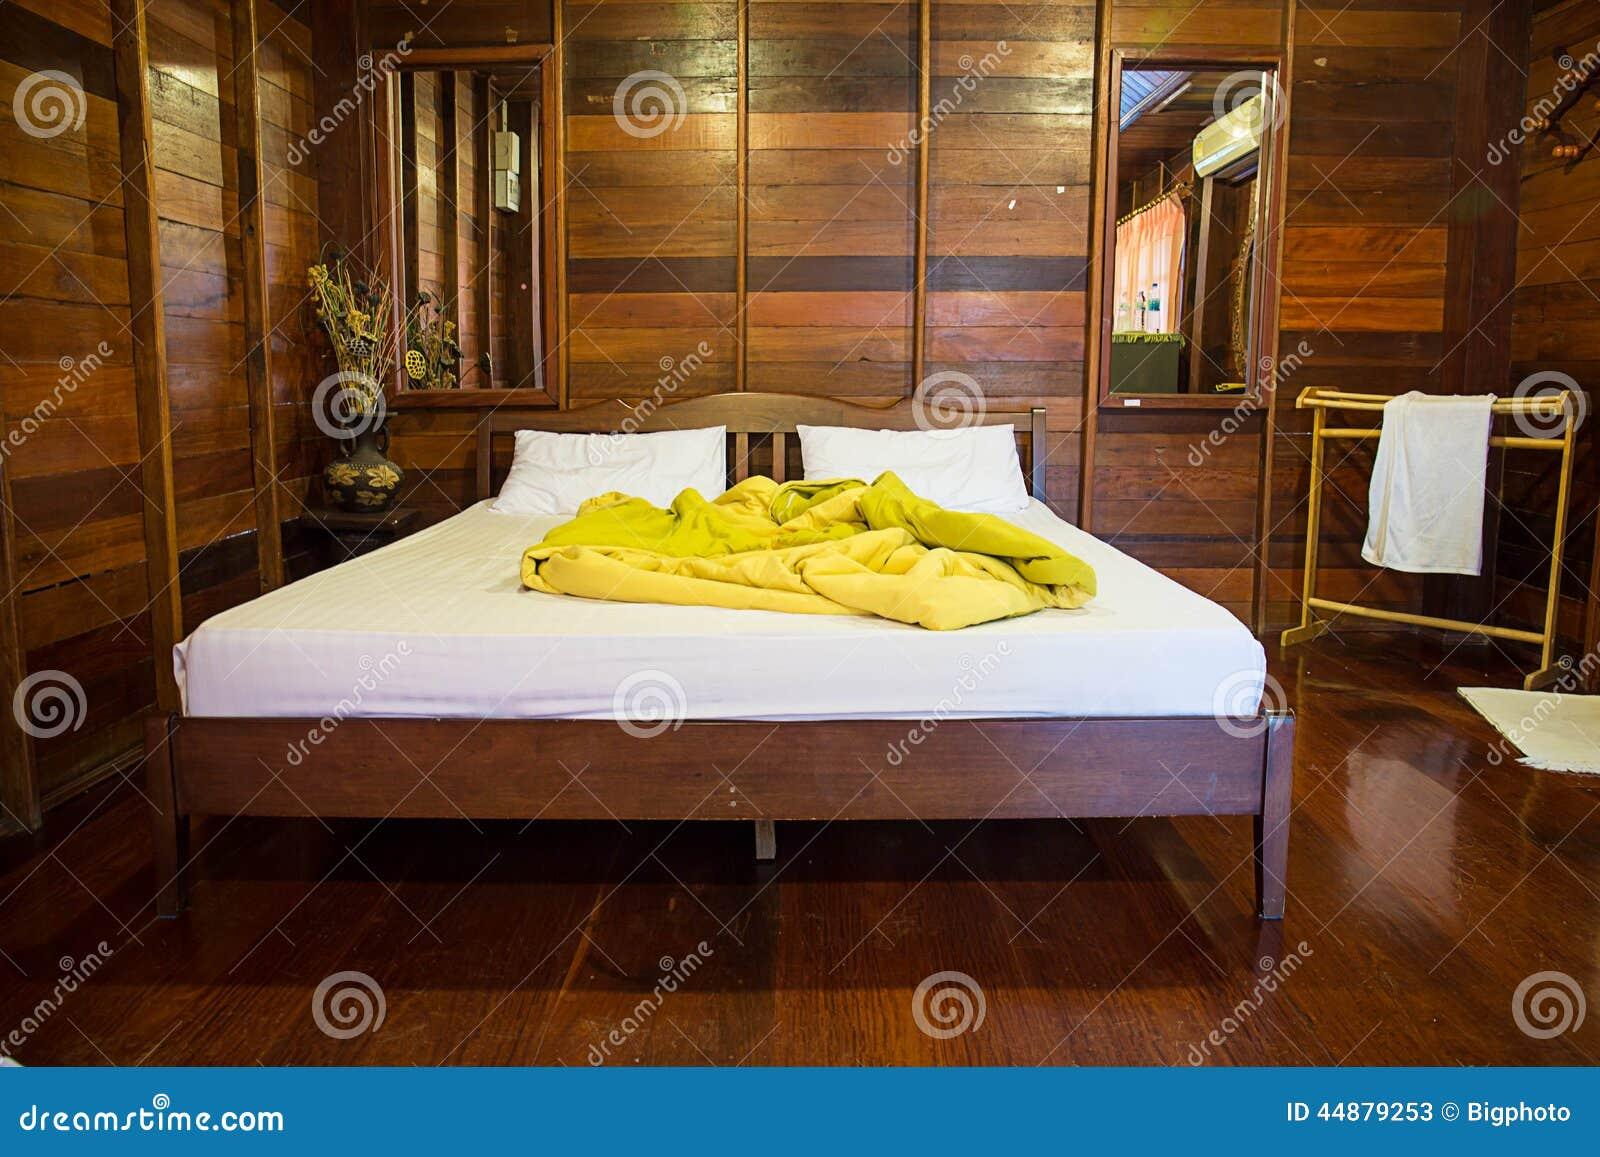 Vieille chambre coucher vide en bois naturel photo stock for Chambre vide